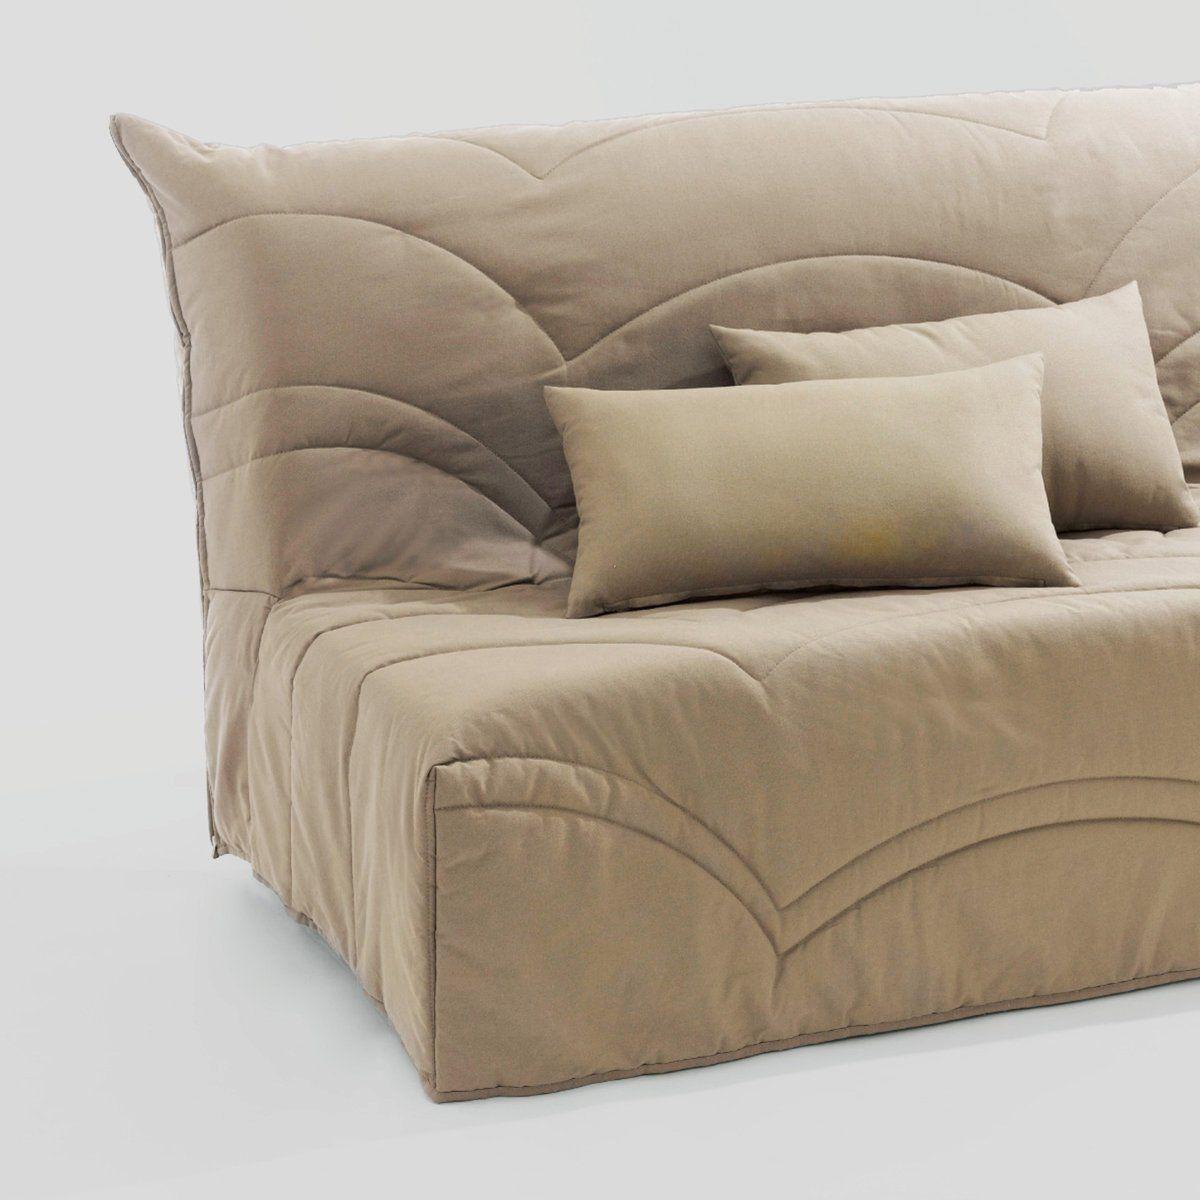 housse pour bz en toile bachette autre ameublement. Black Bedroom Furniture Sets. Home Design Ideas